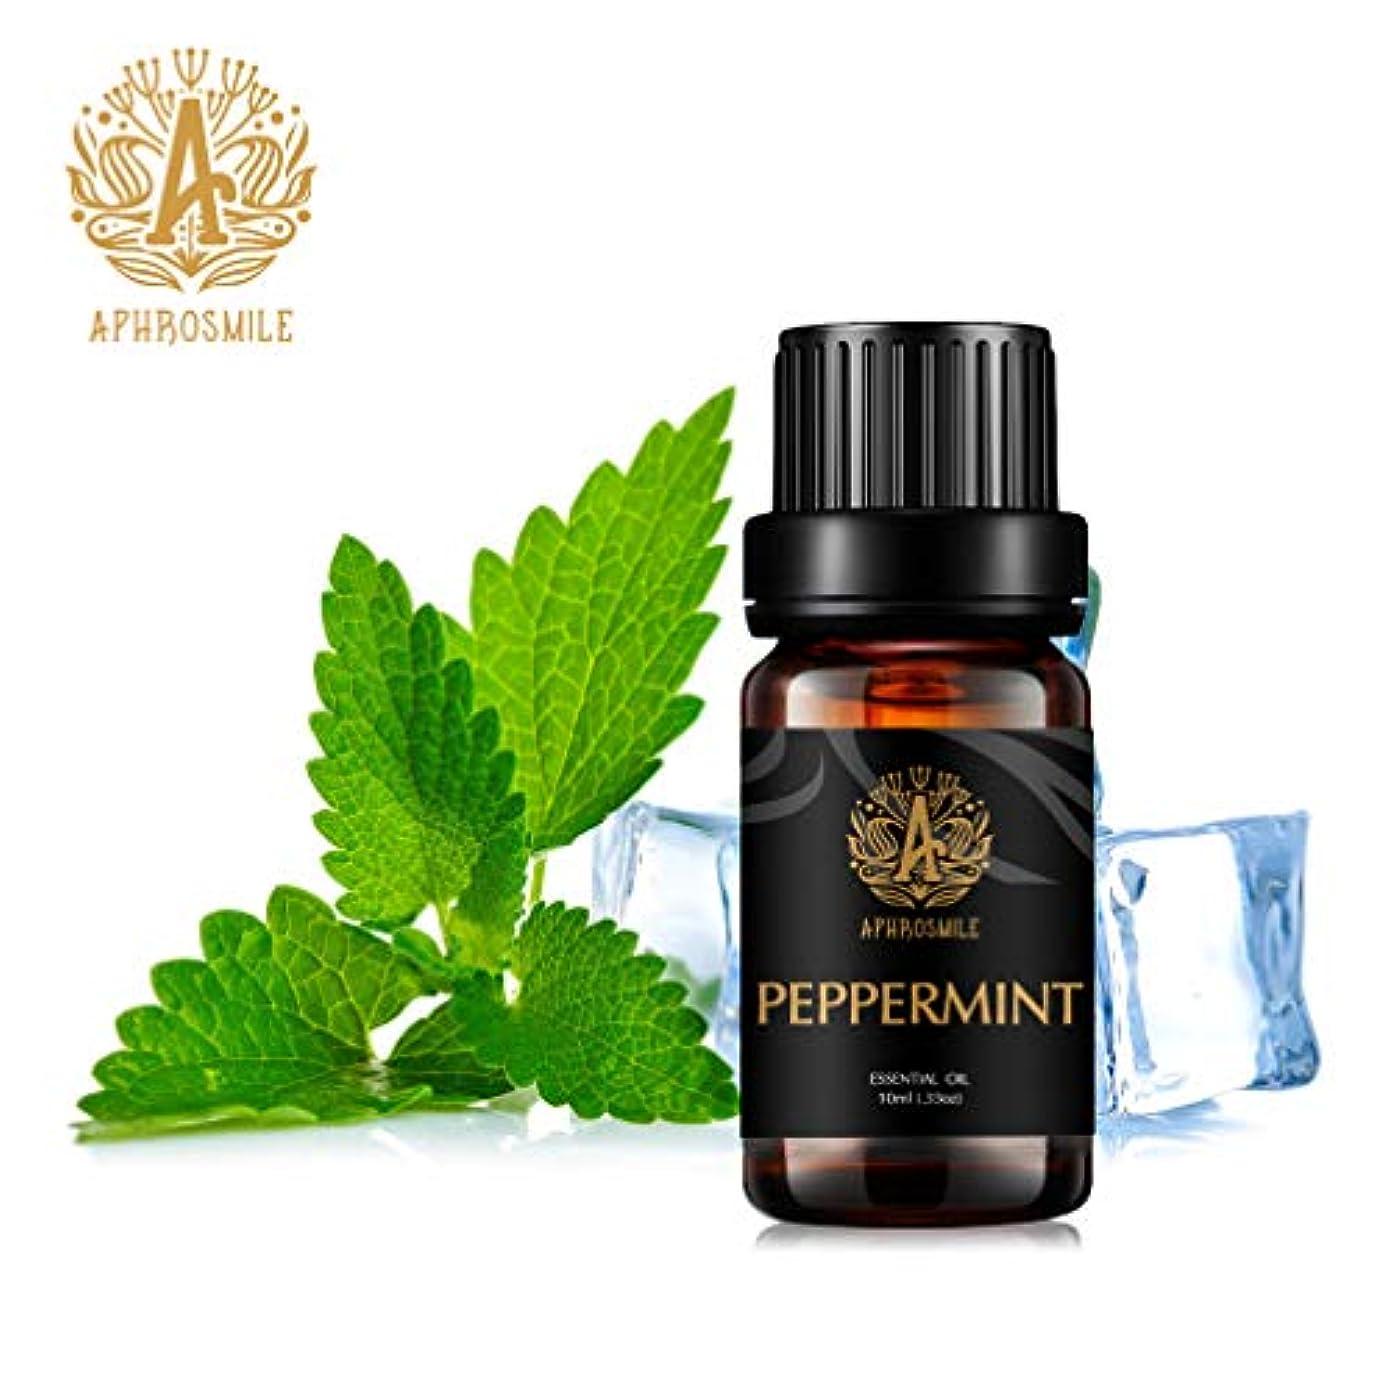 ケープ文防腐剤ペパーミントの精油、100%純粋なアロマセラピーエッセンシャルオイルペパーミントの香り、明確な思考と、治療用グレードエッセンシャルオイルペパーミントの香り為にディフューザー、マッサージ、加湿器、デイリーケア、0.33オンス...